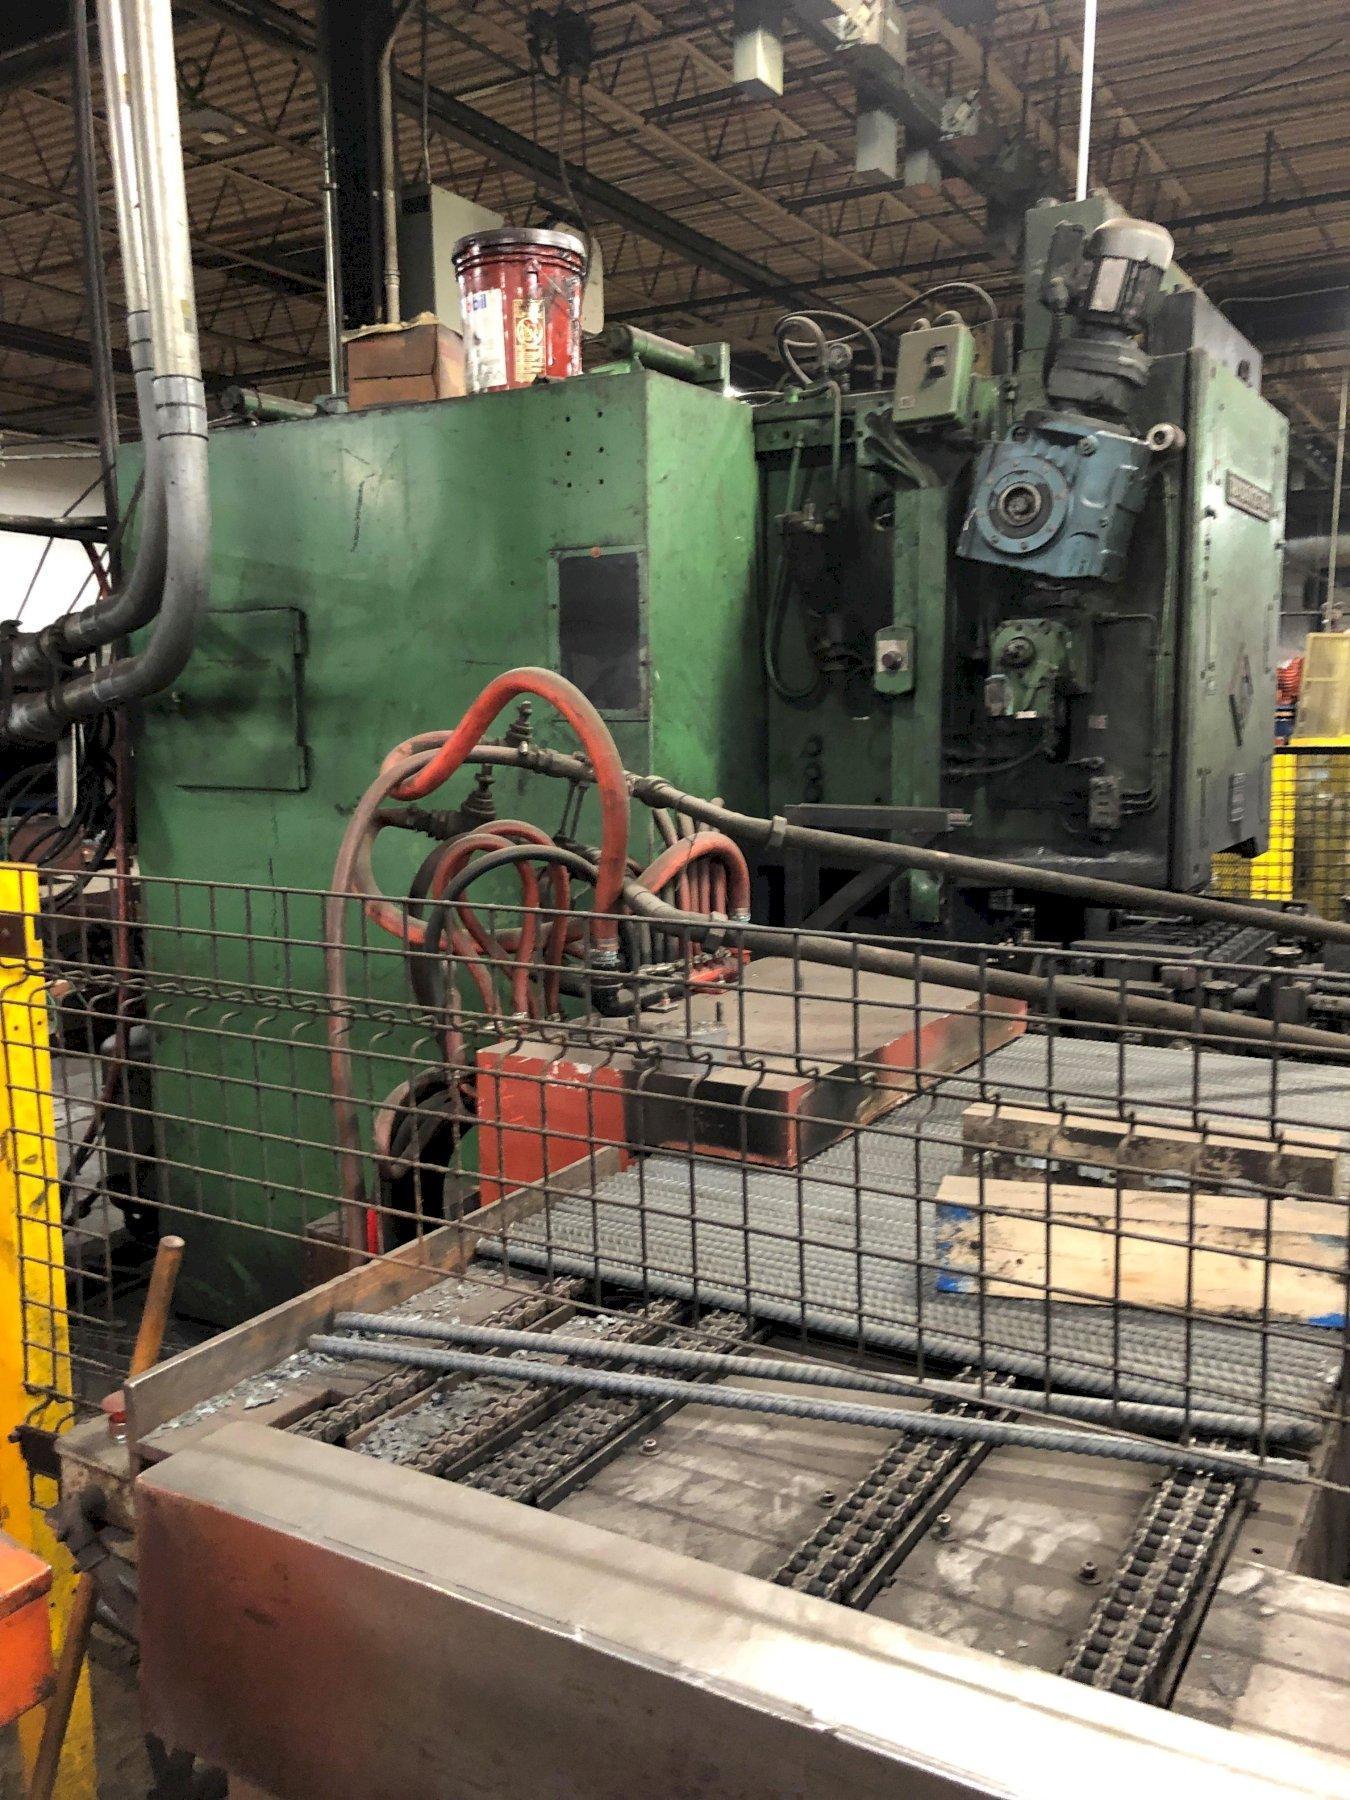 Hasenclever Forging Press Model WSHK 250